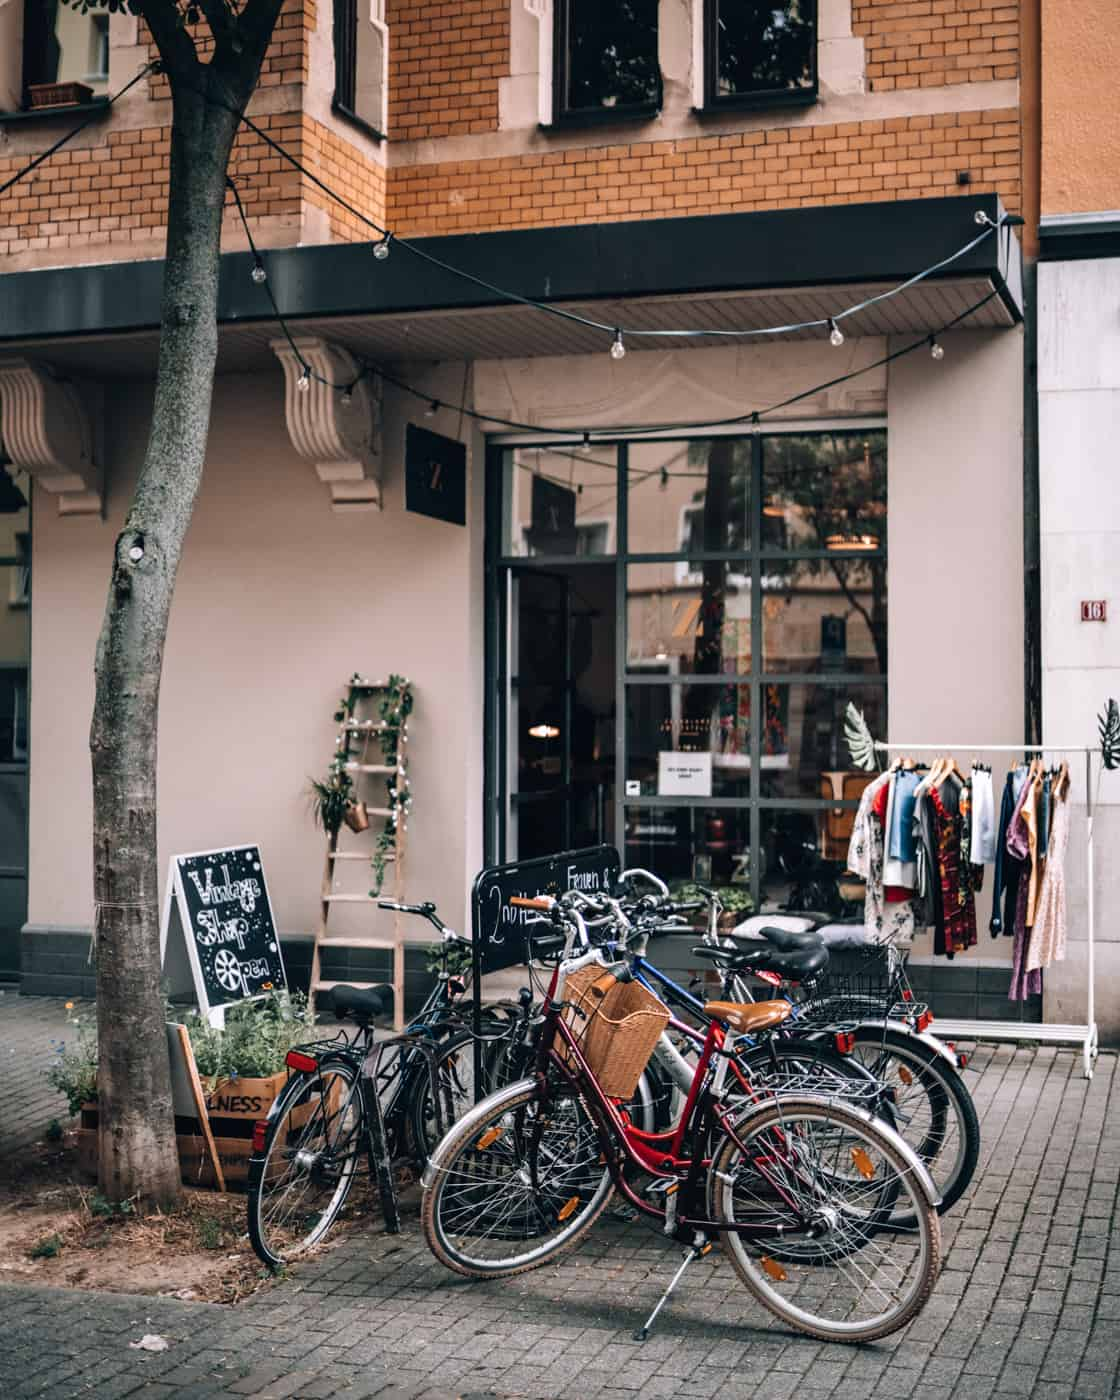 Mainz - Sehenswürdigkeiten, schönste Ecken, Essens- & Insider Tipps: Rund um den Gartenfeldplatz - Zweigstelle Vintage Shop